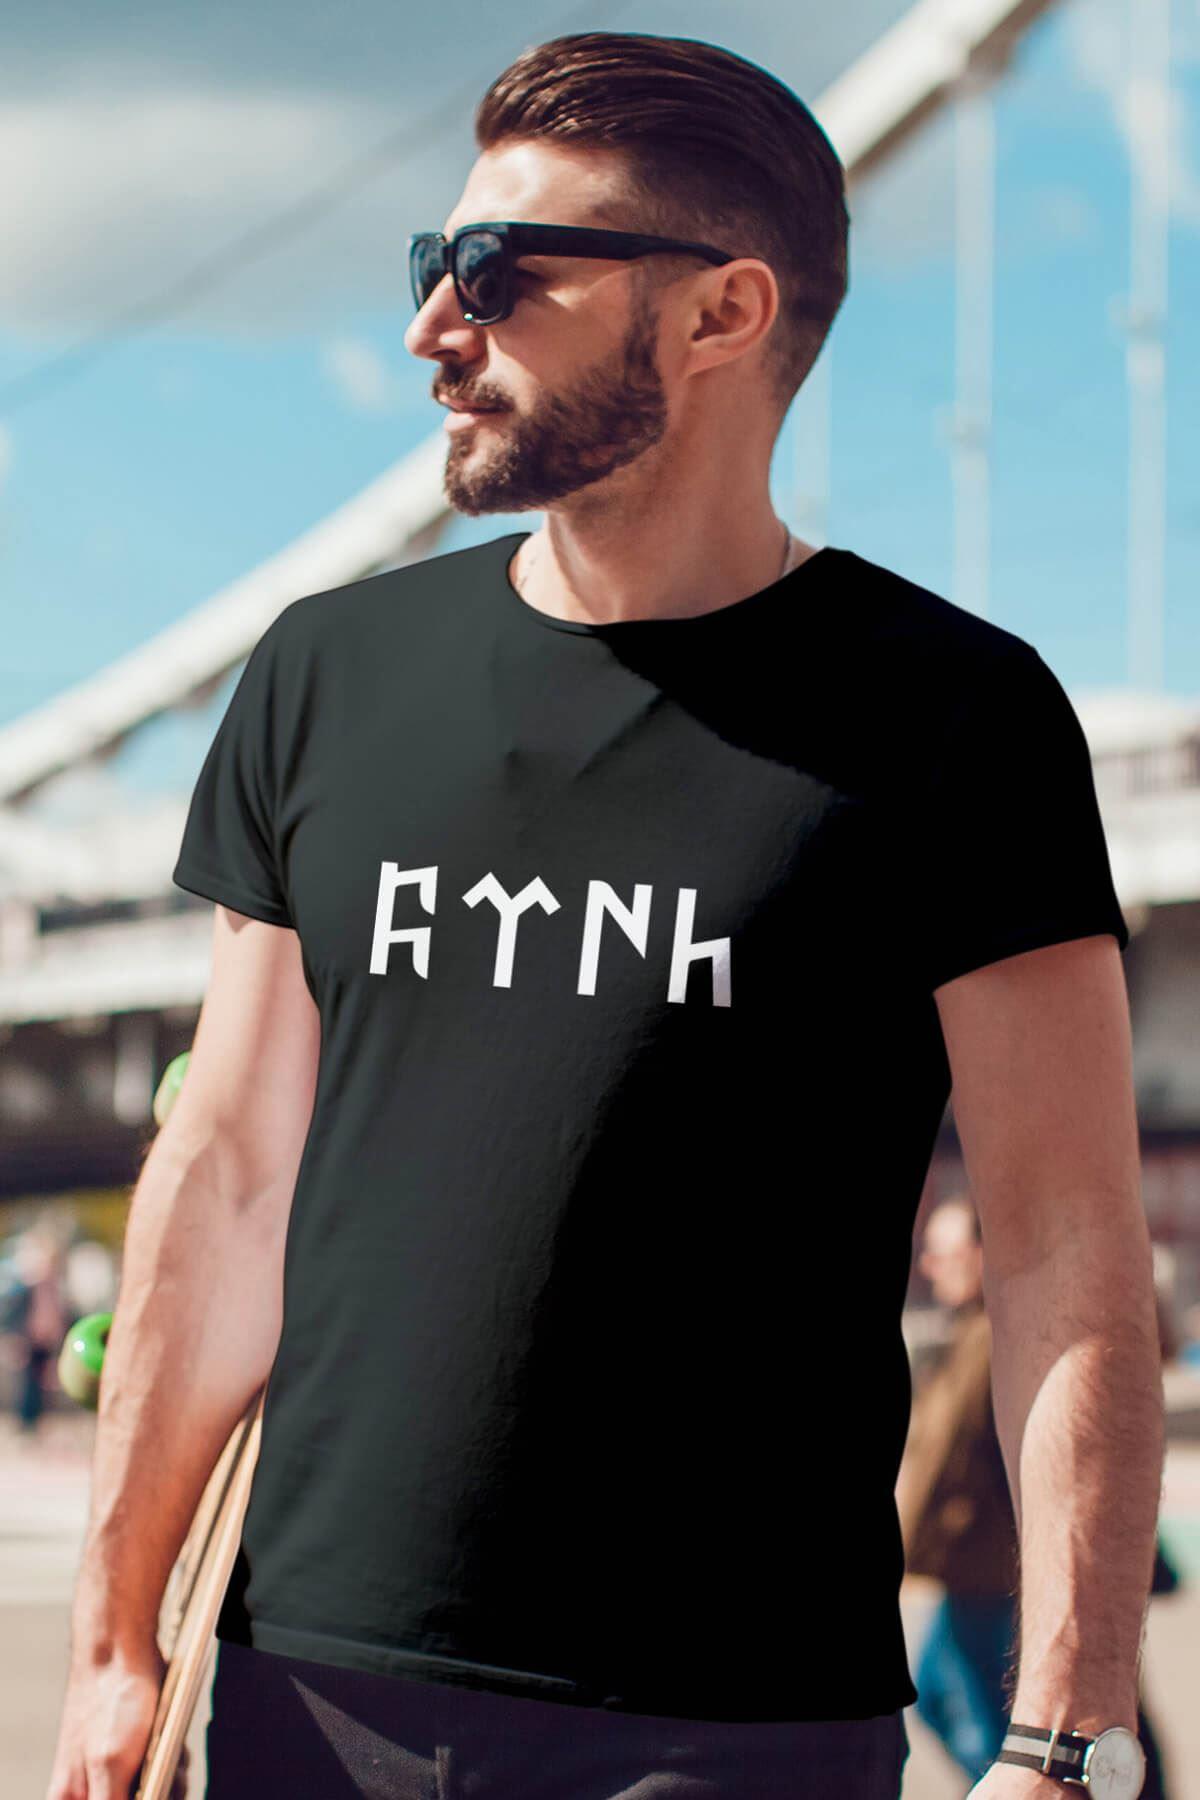 Türk Siyah Erkek Tshirt - Tişört